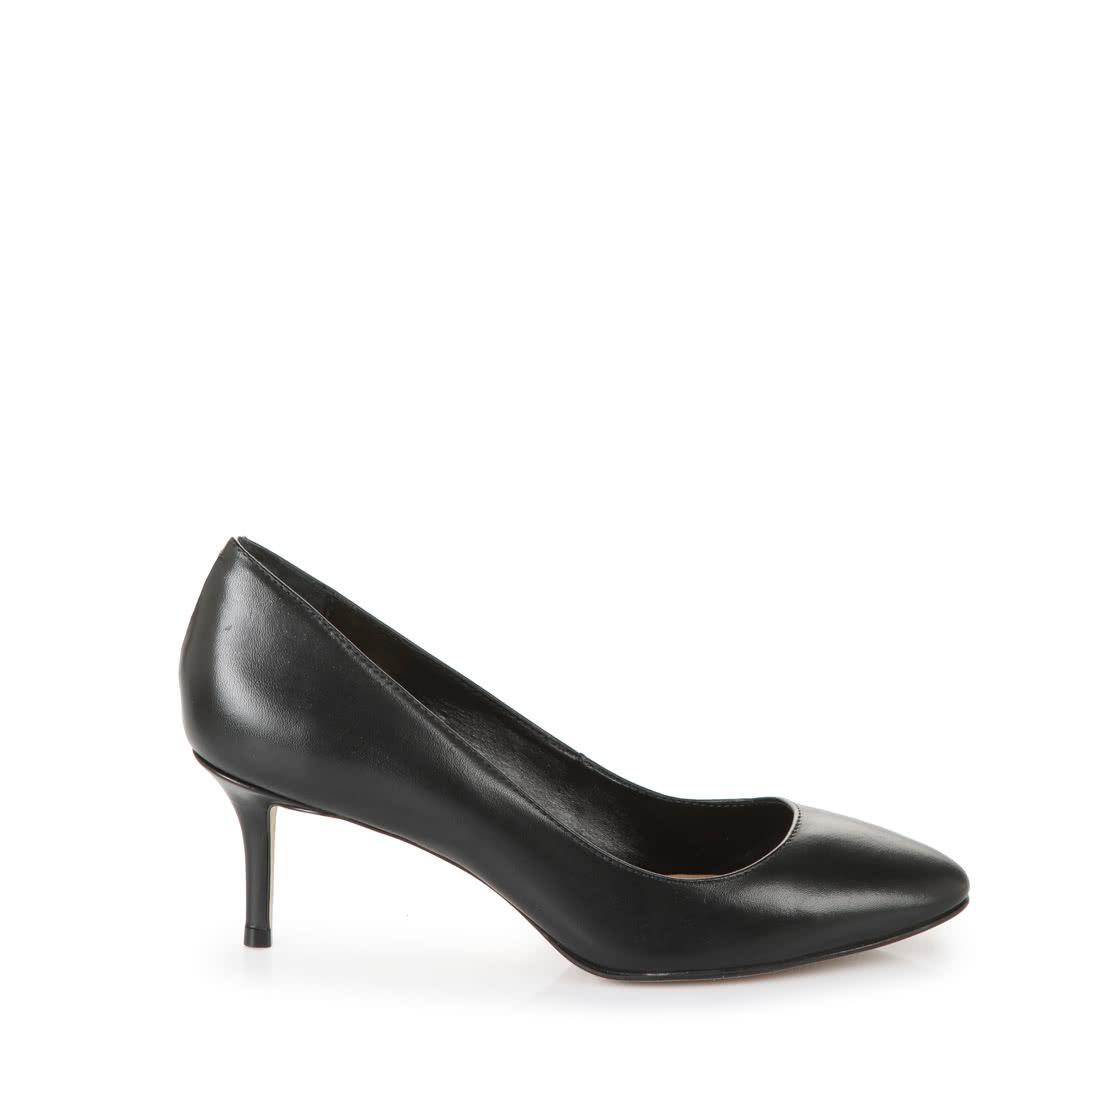 53d5426decd Buffalo kitten heels in black buy online in BUFFALO Online-Shop ...